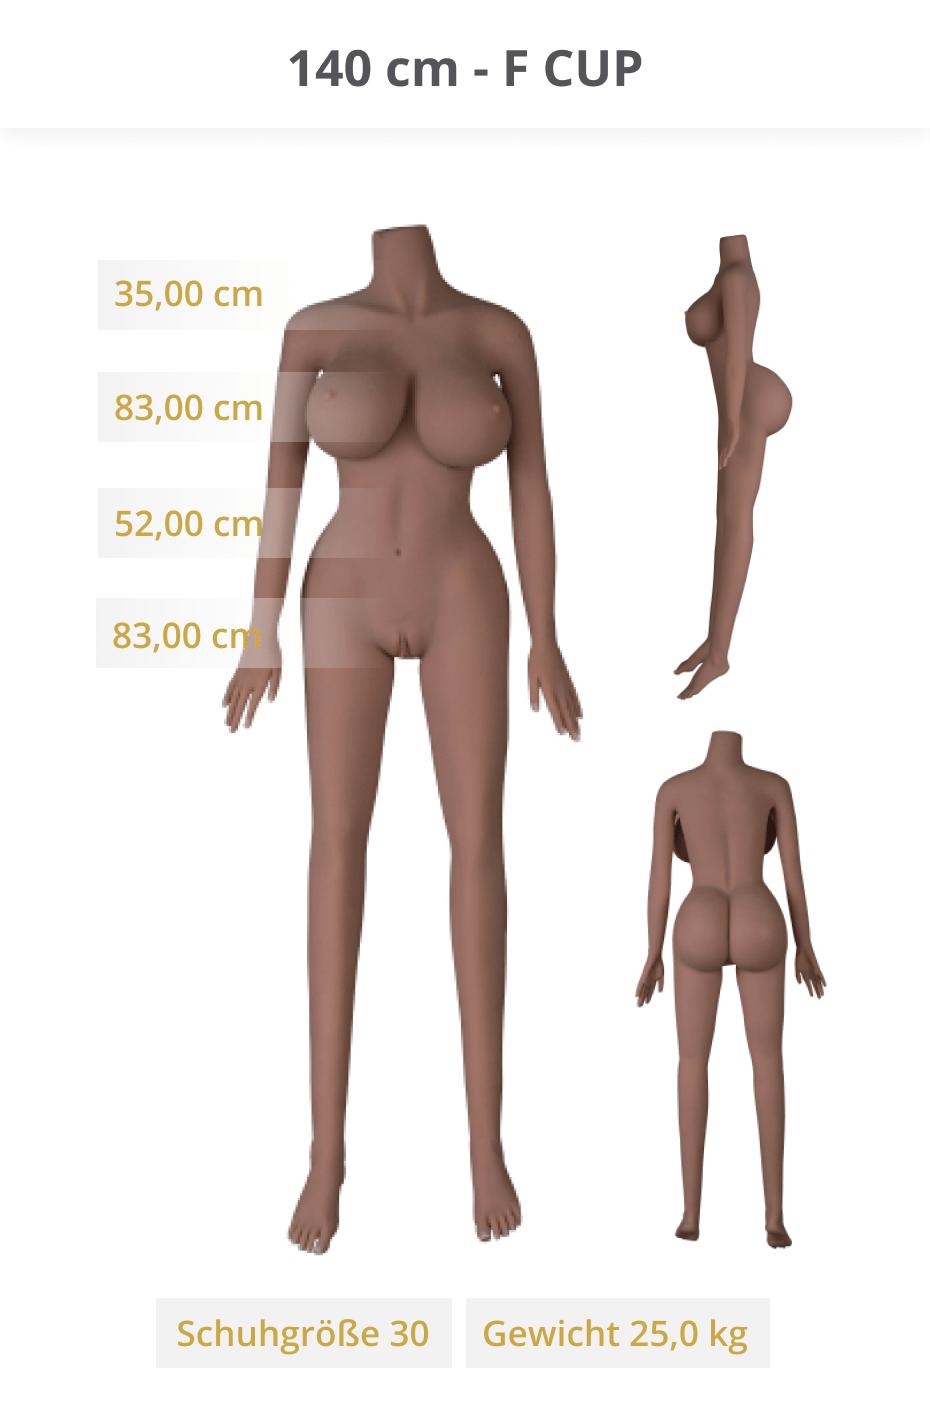 6ye-Dolls-140-cm-F-CUP